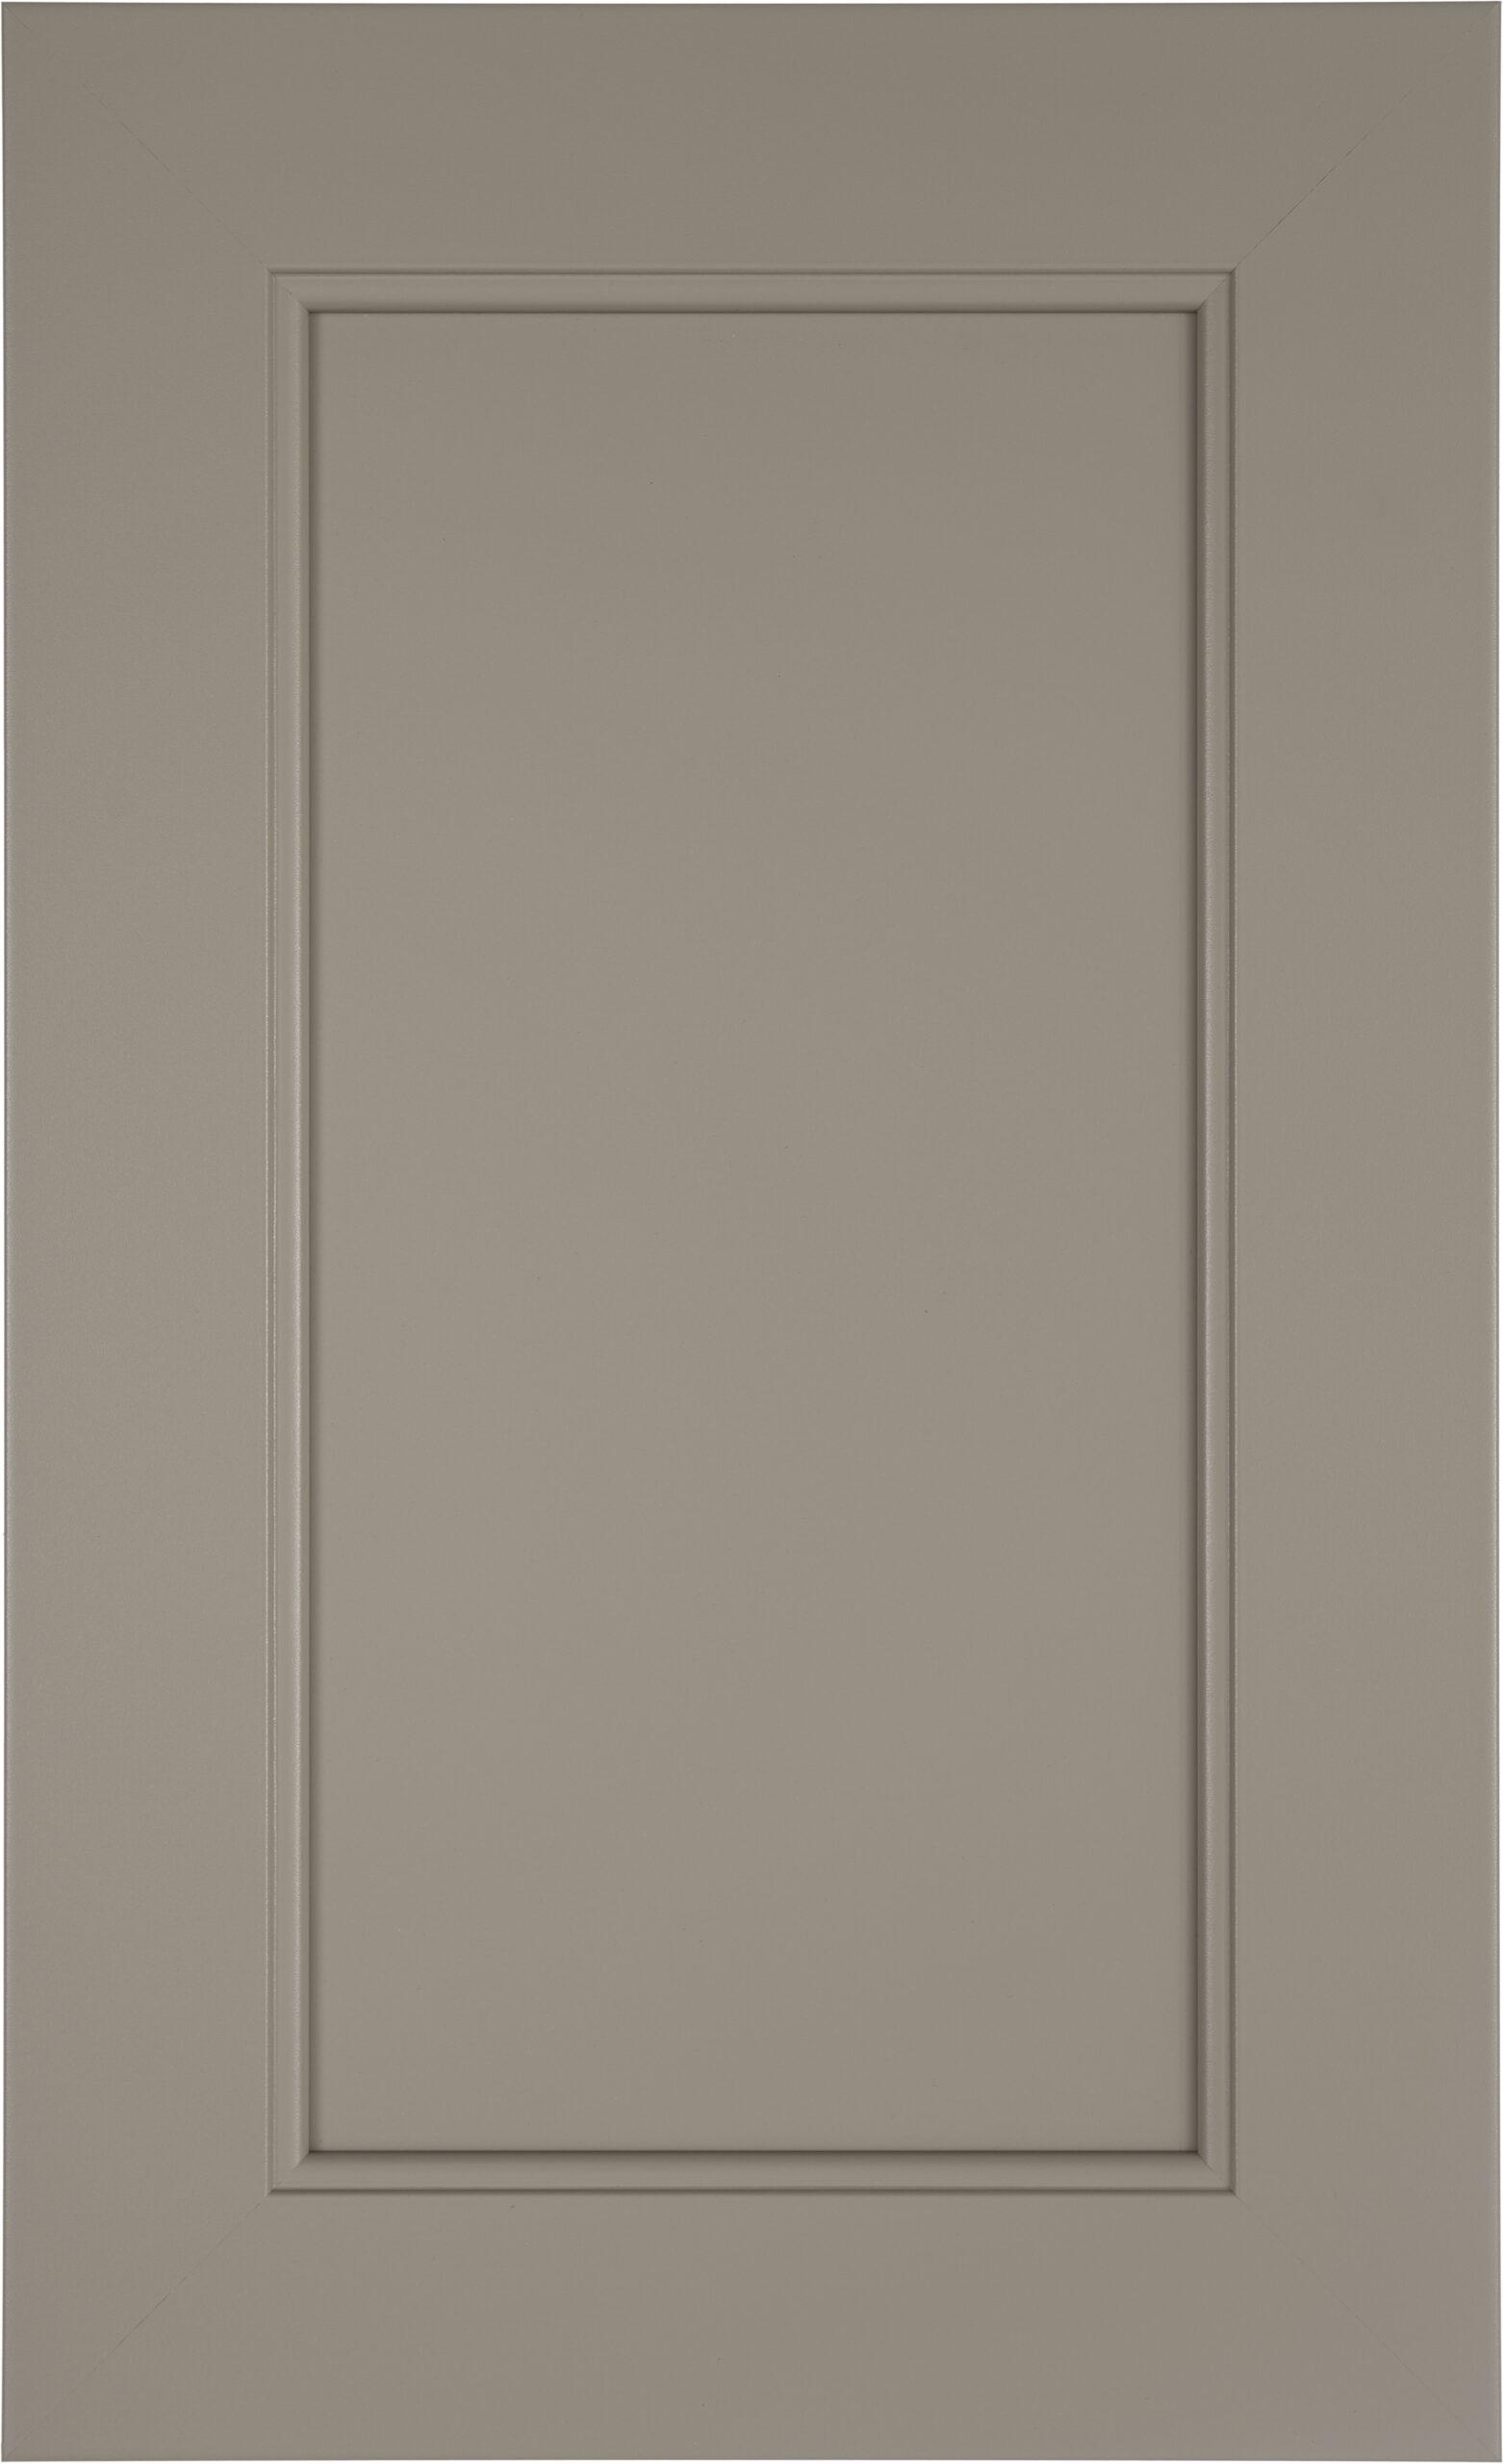 Chastain Door